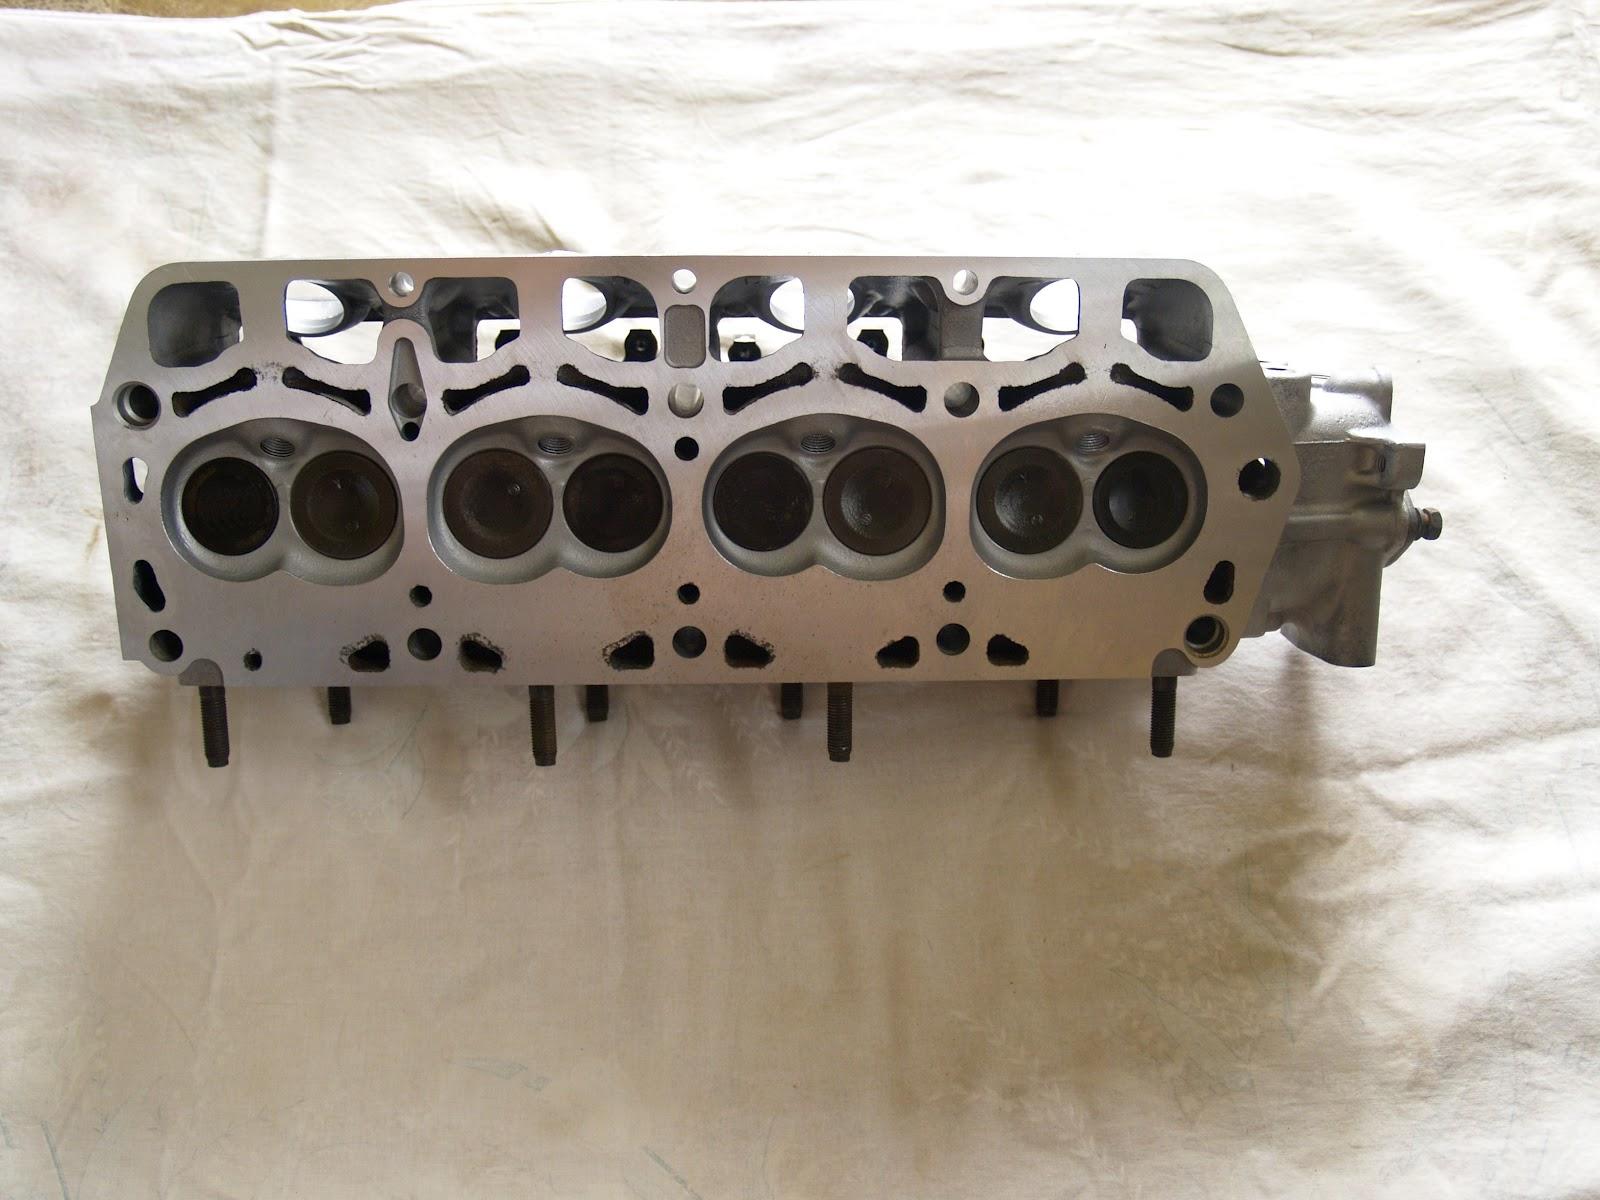 4Y Engine Rebuild + Carburettor | Toyota 4Y (Supercharged